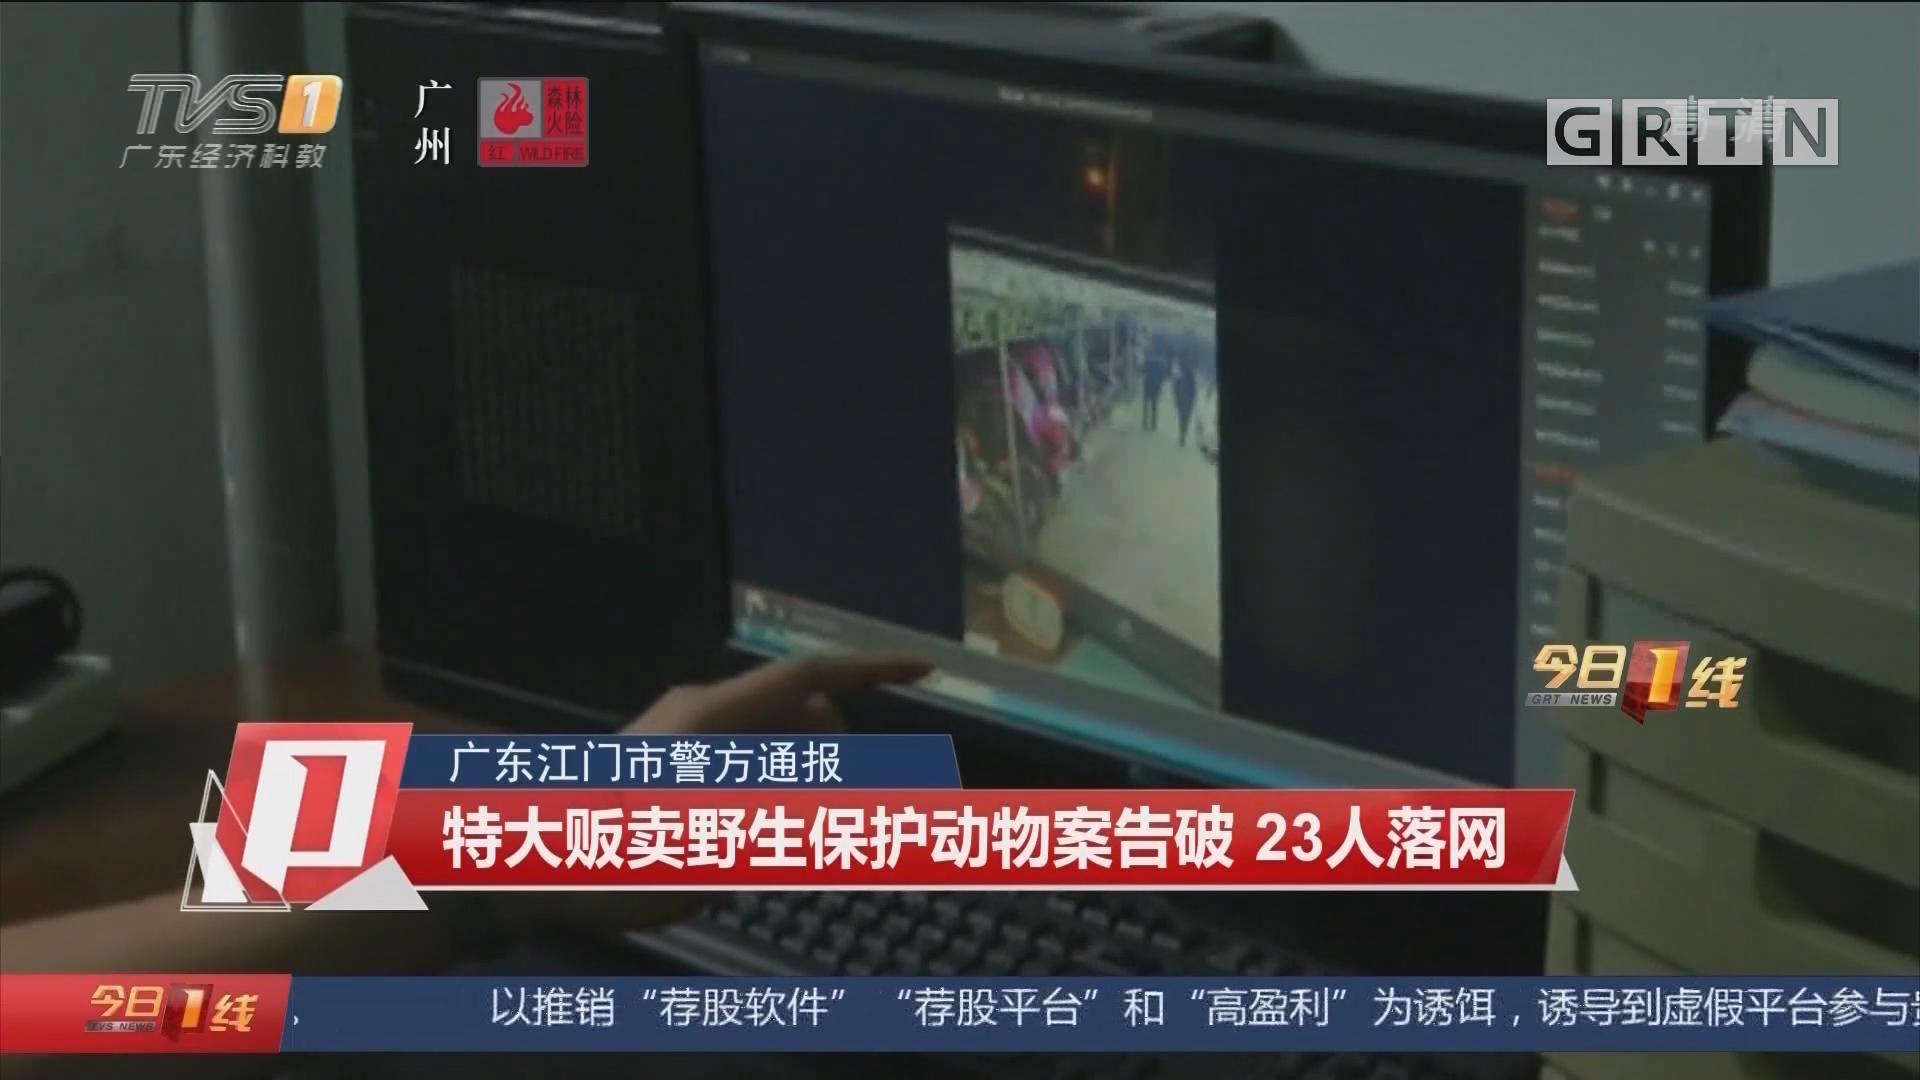 广东江门市警方通报 特大贩卖野生保护动物案告破 23人落网